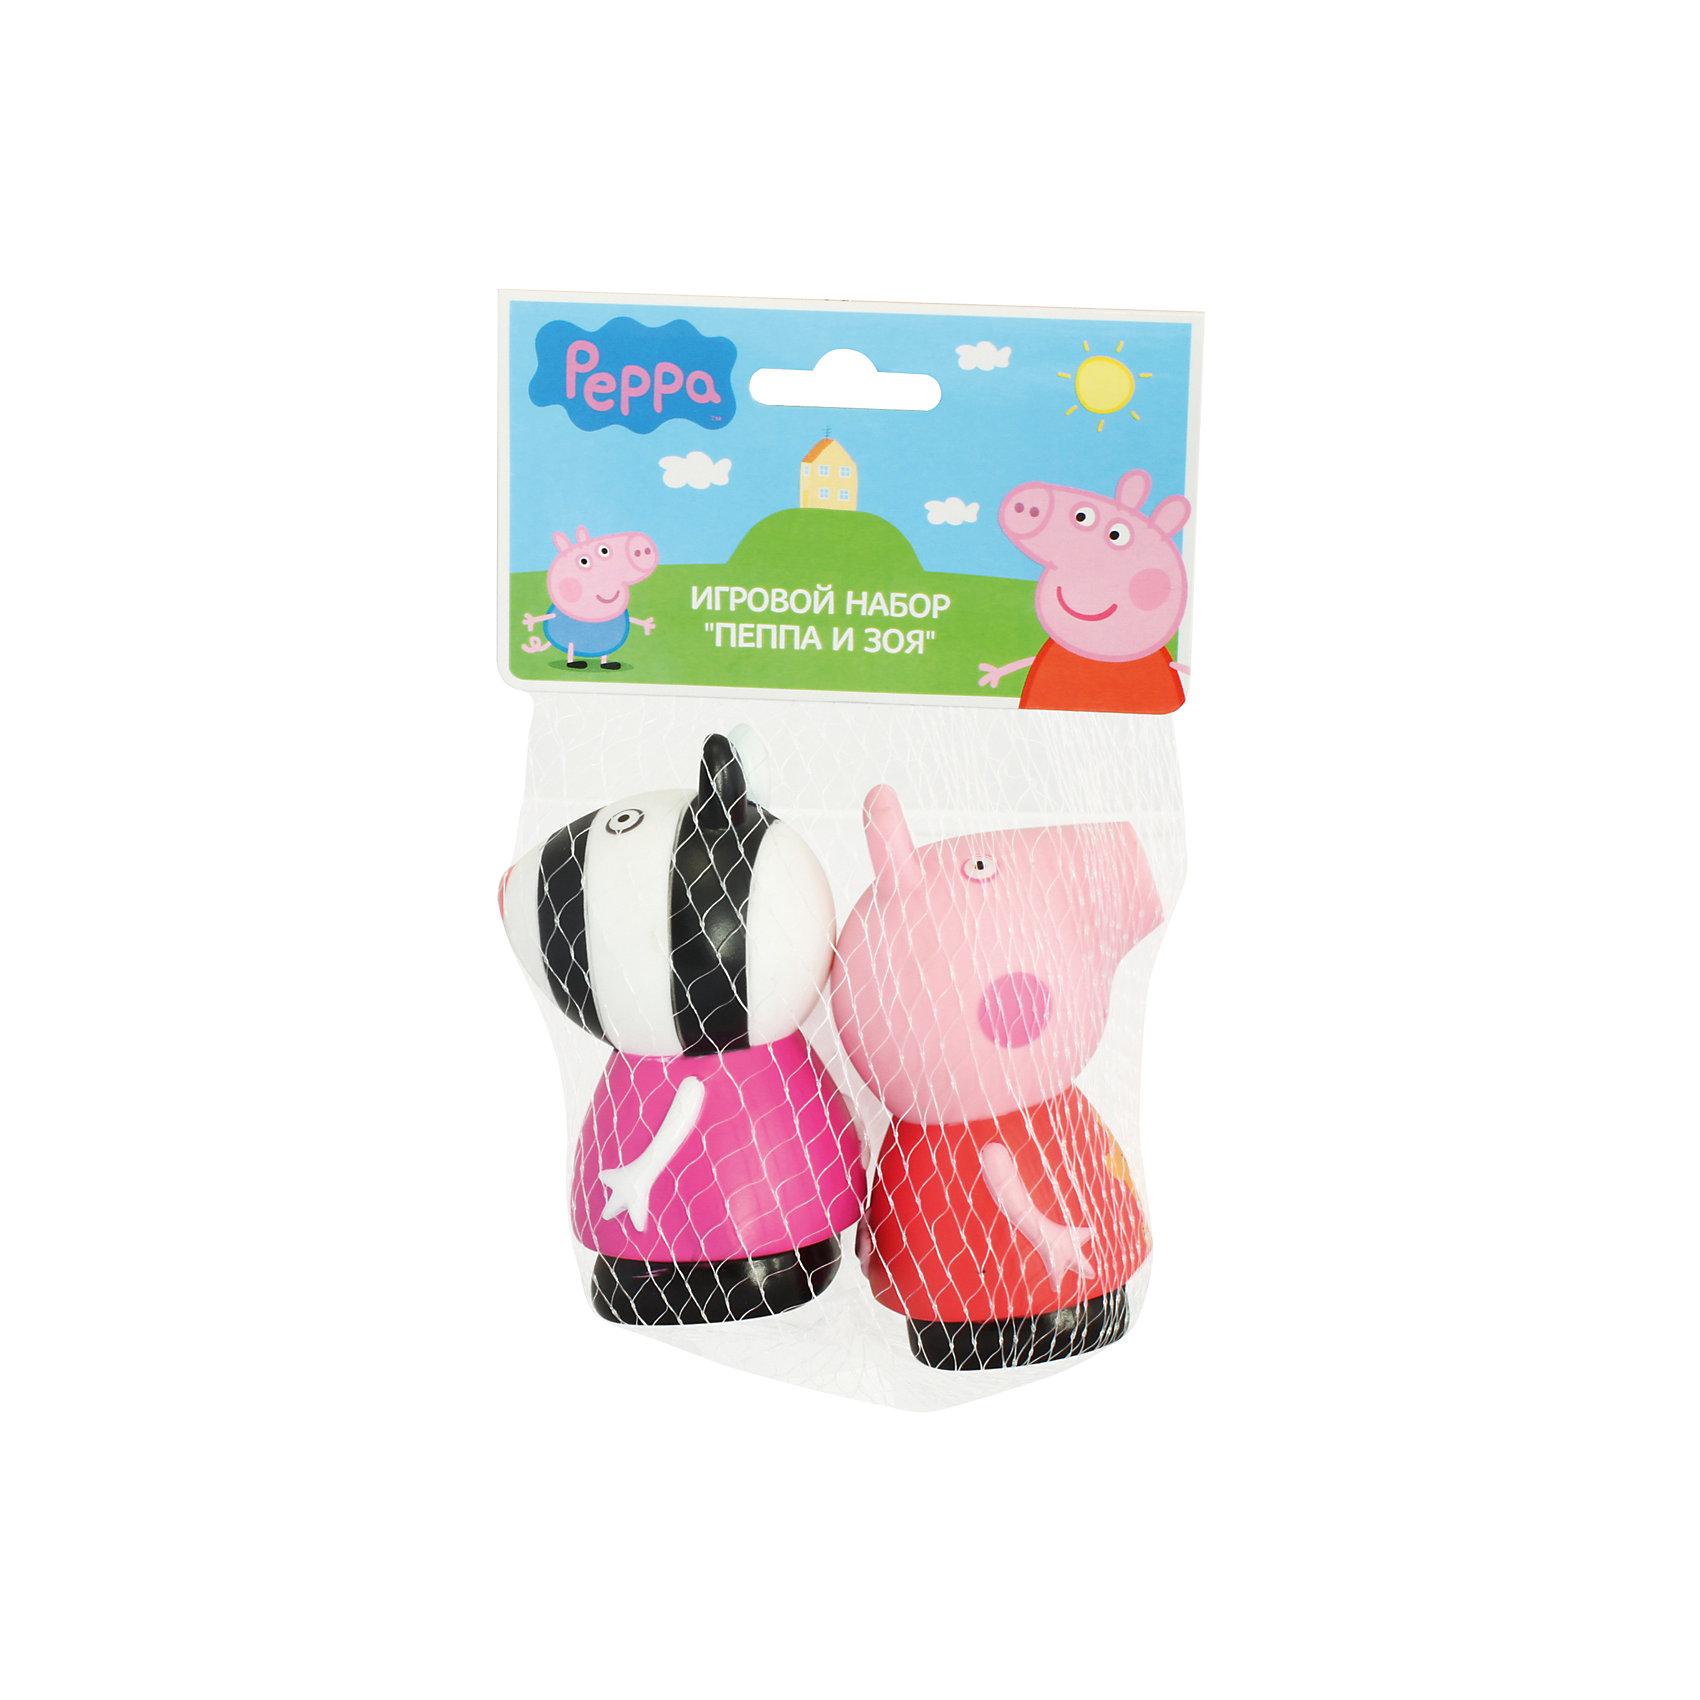 Игровой набор Пеппа и Зои 10 см, Свинка Пеппа